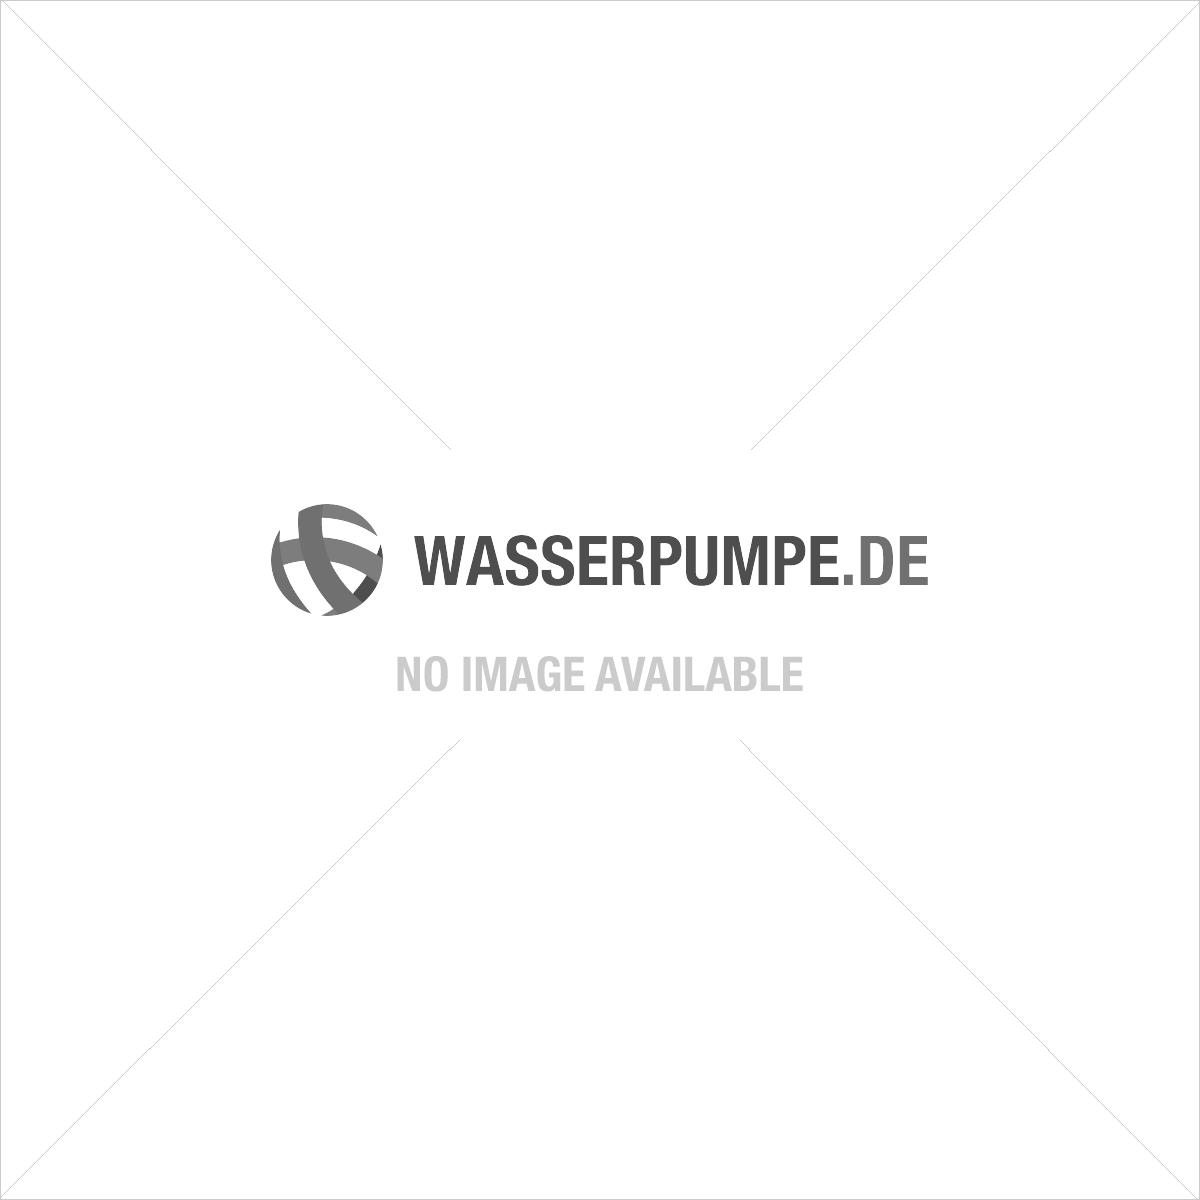 """5"""" Vorfilter gegen Sand und Festteile"""